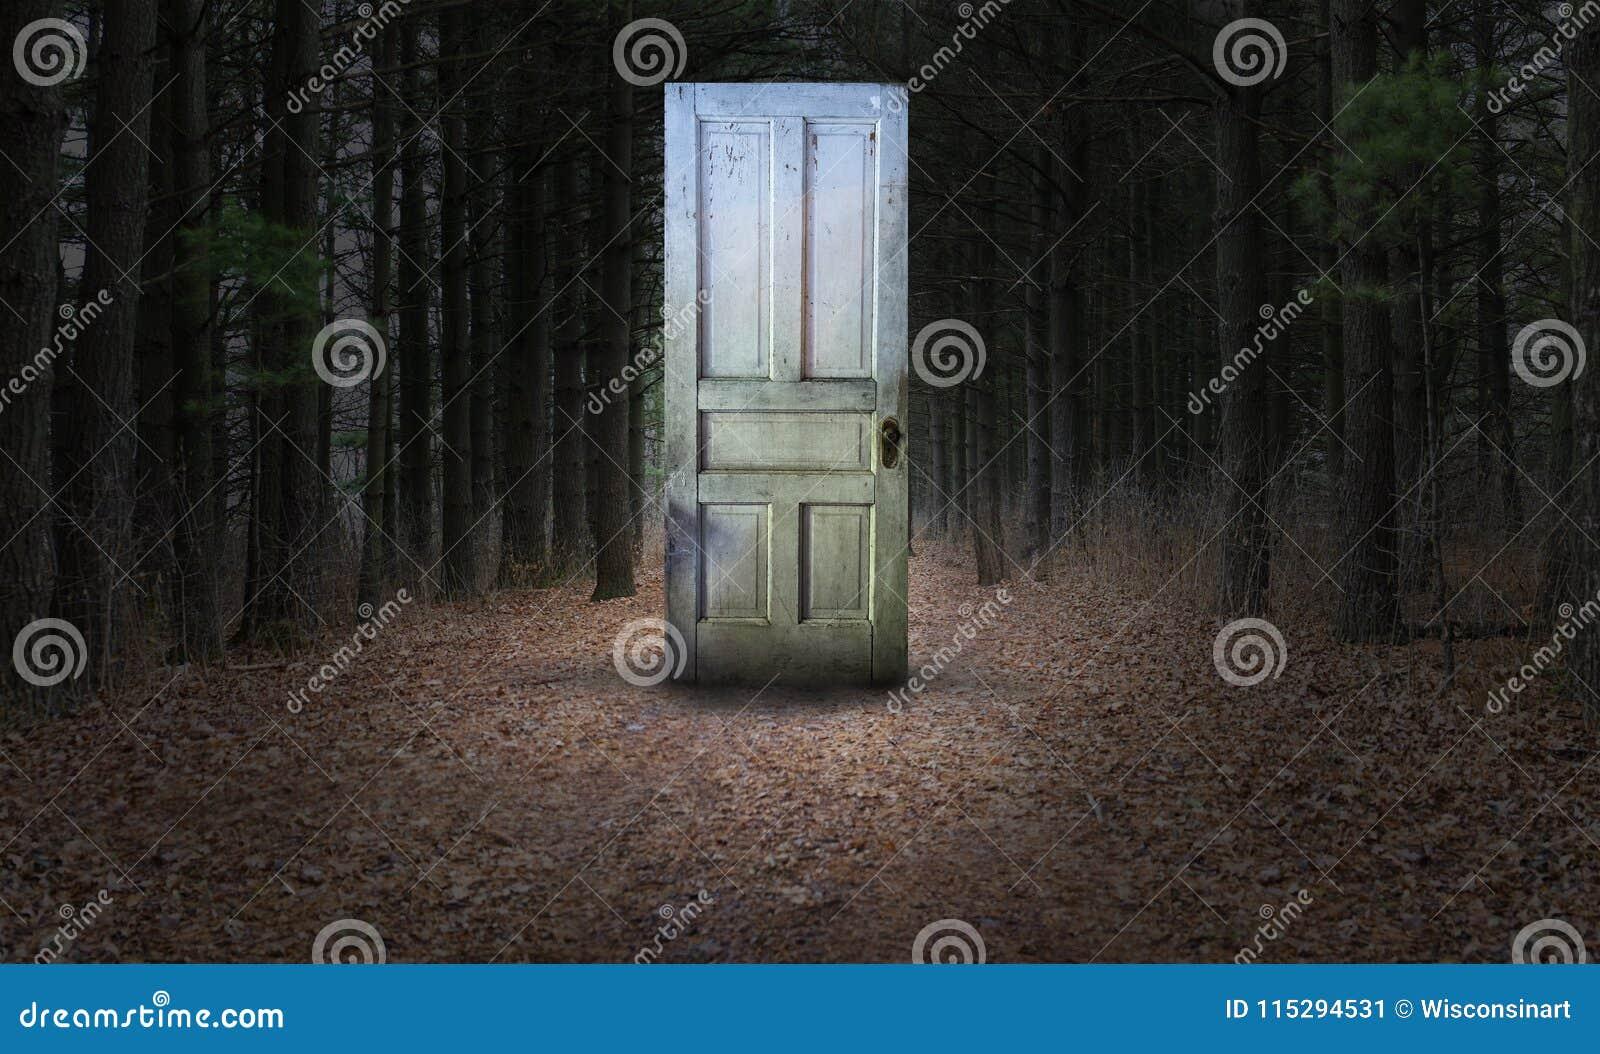 Overklig dörr, Woords, bana, skog